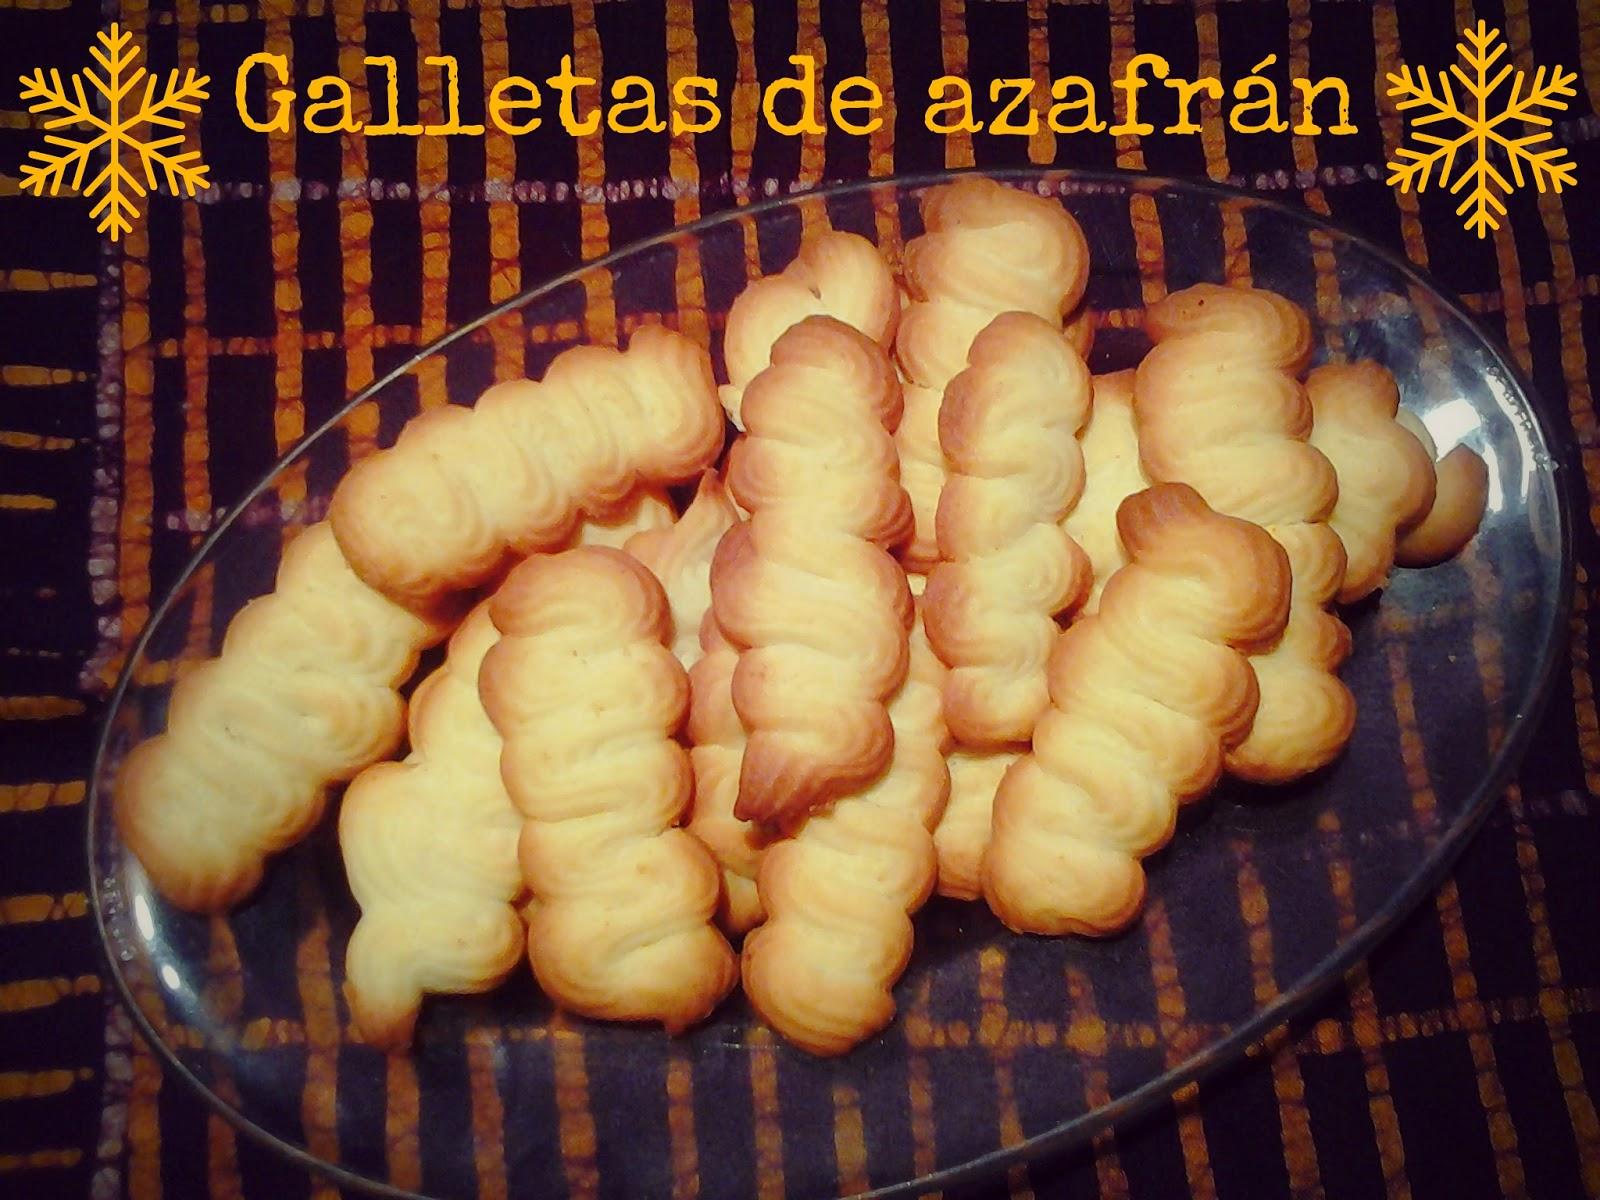 GALLETAS-DE-AZAFRÁN